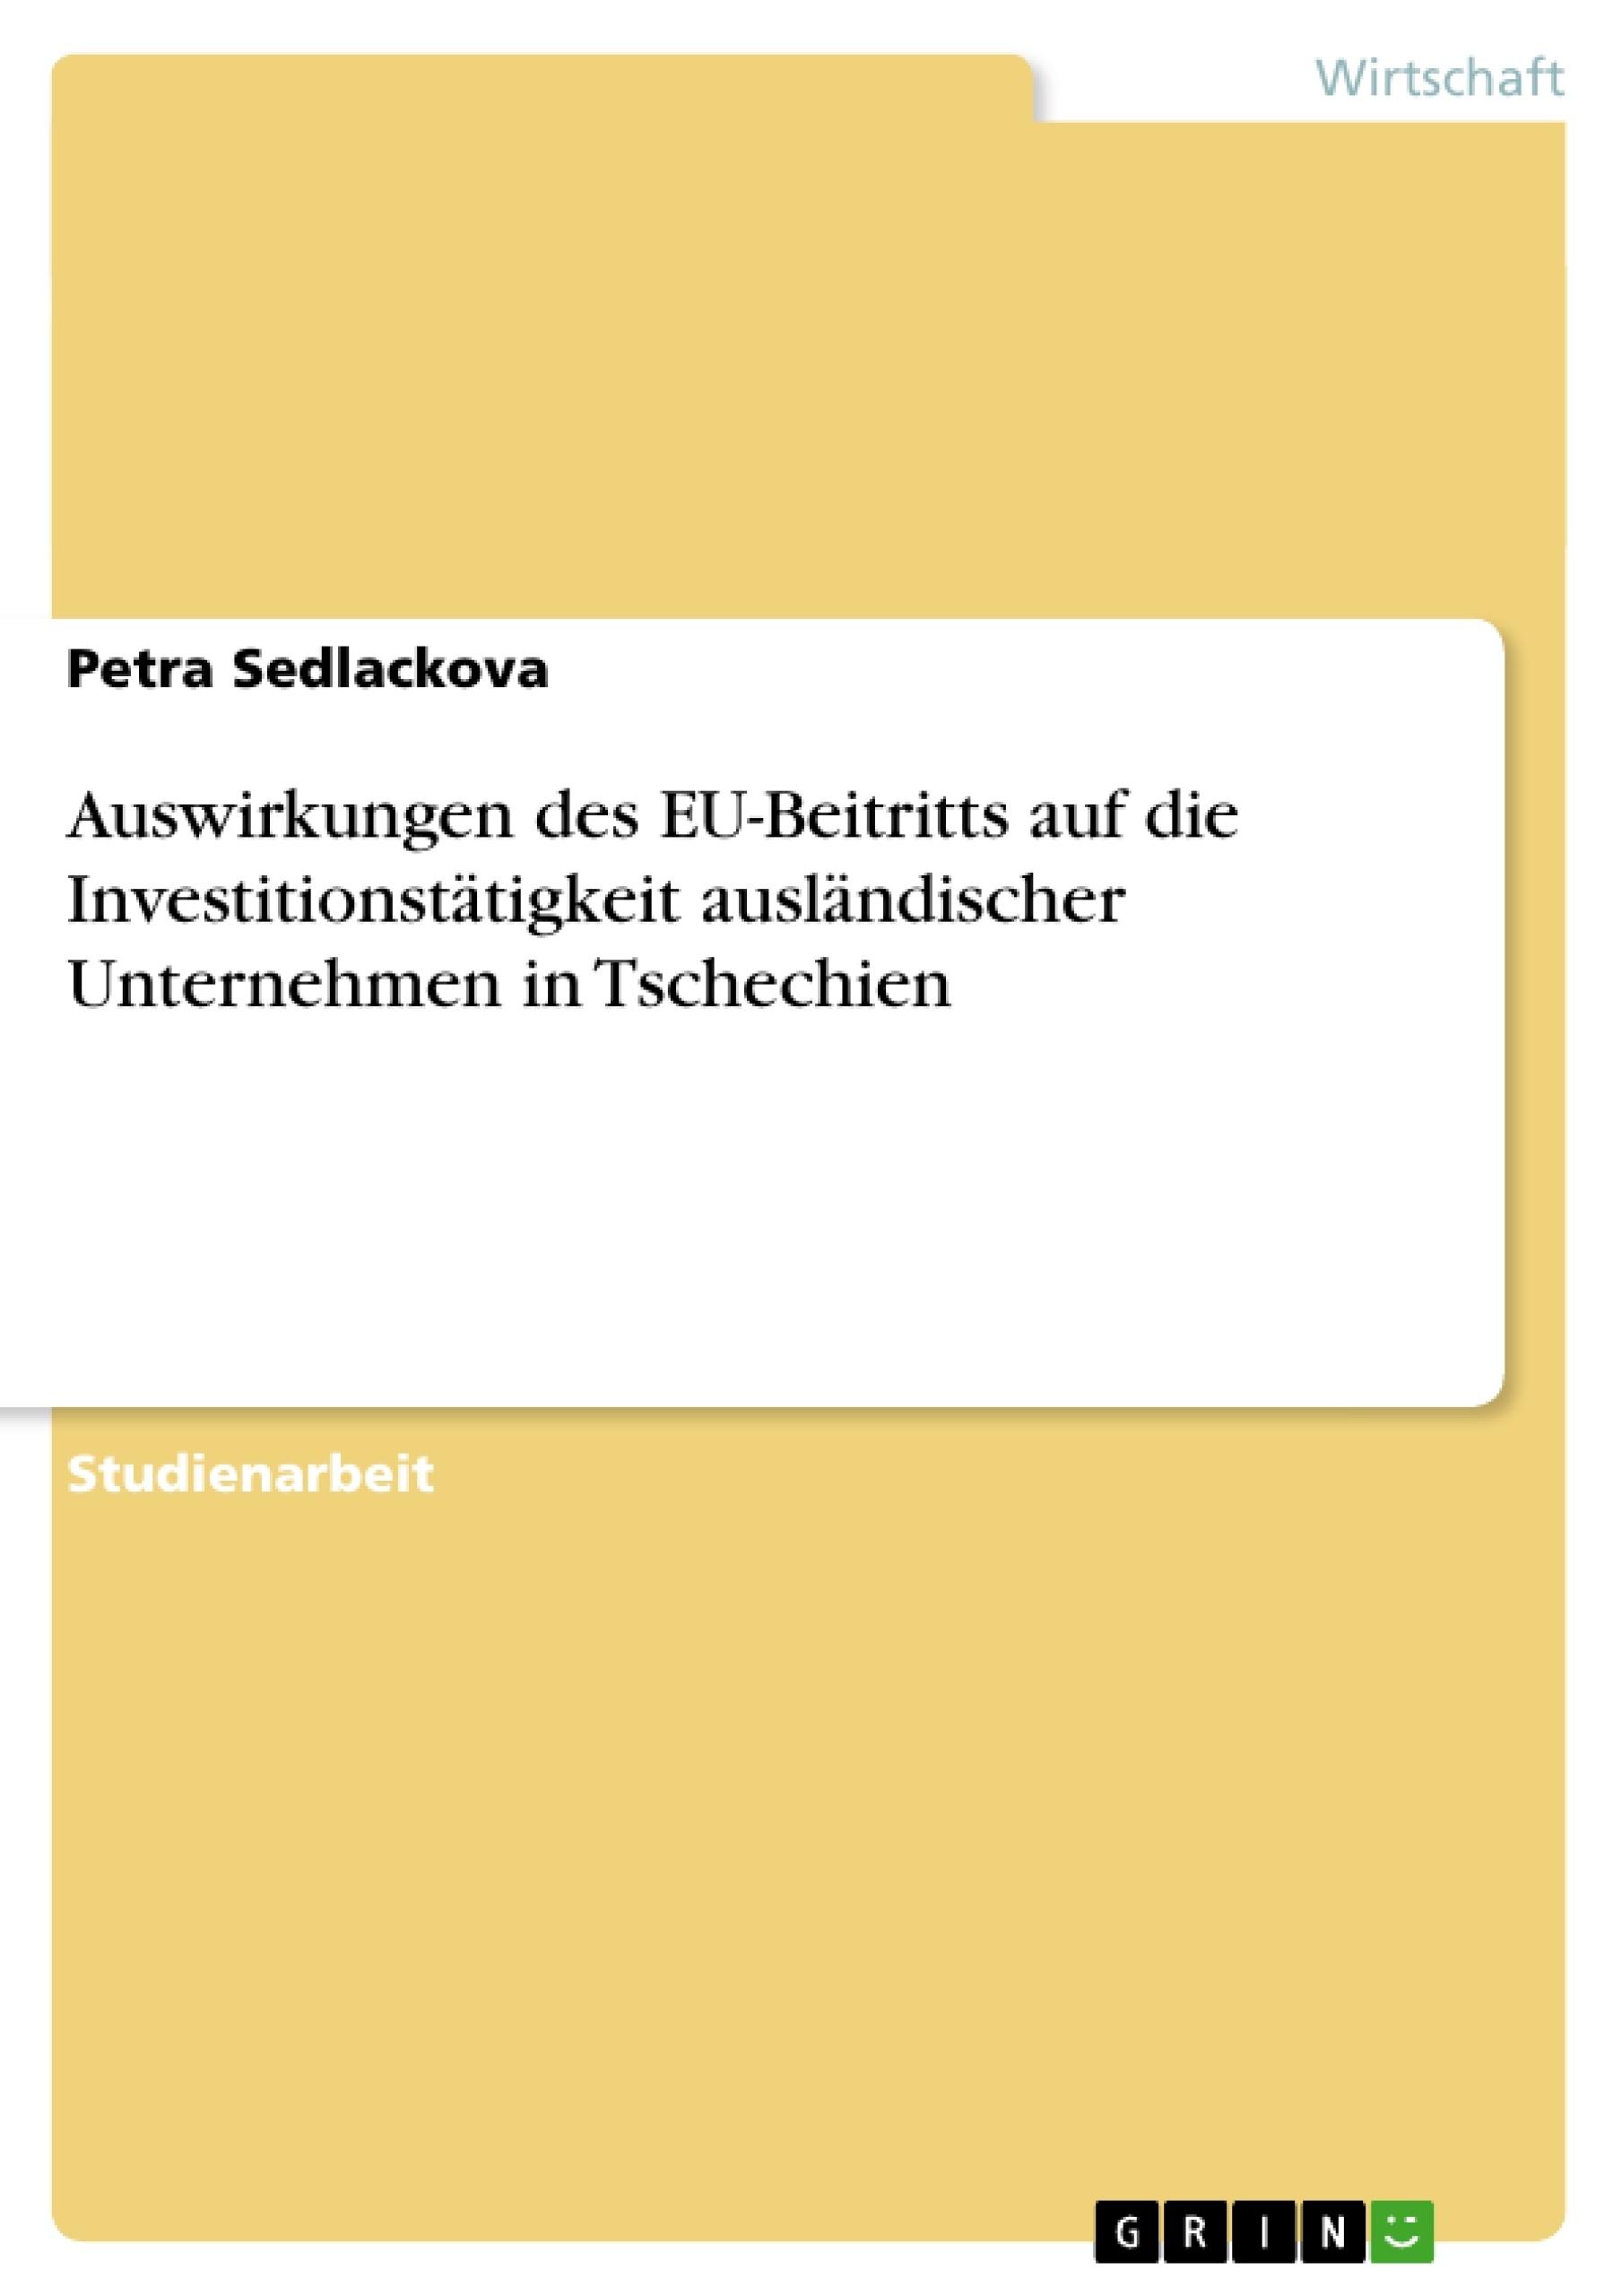 Titel: Auswirkungen des EU-Beitritts auf die Investitionstätigkeit ausländischer Unternehmen in Tschechien